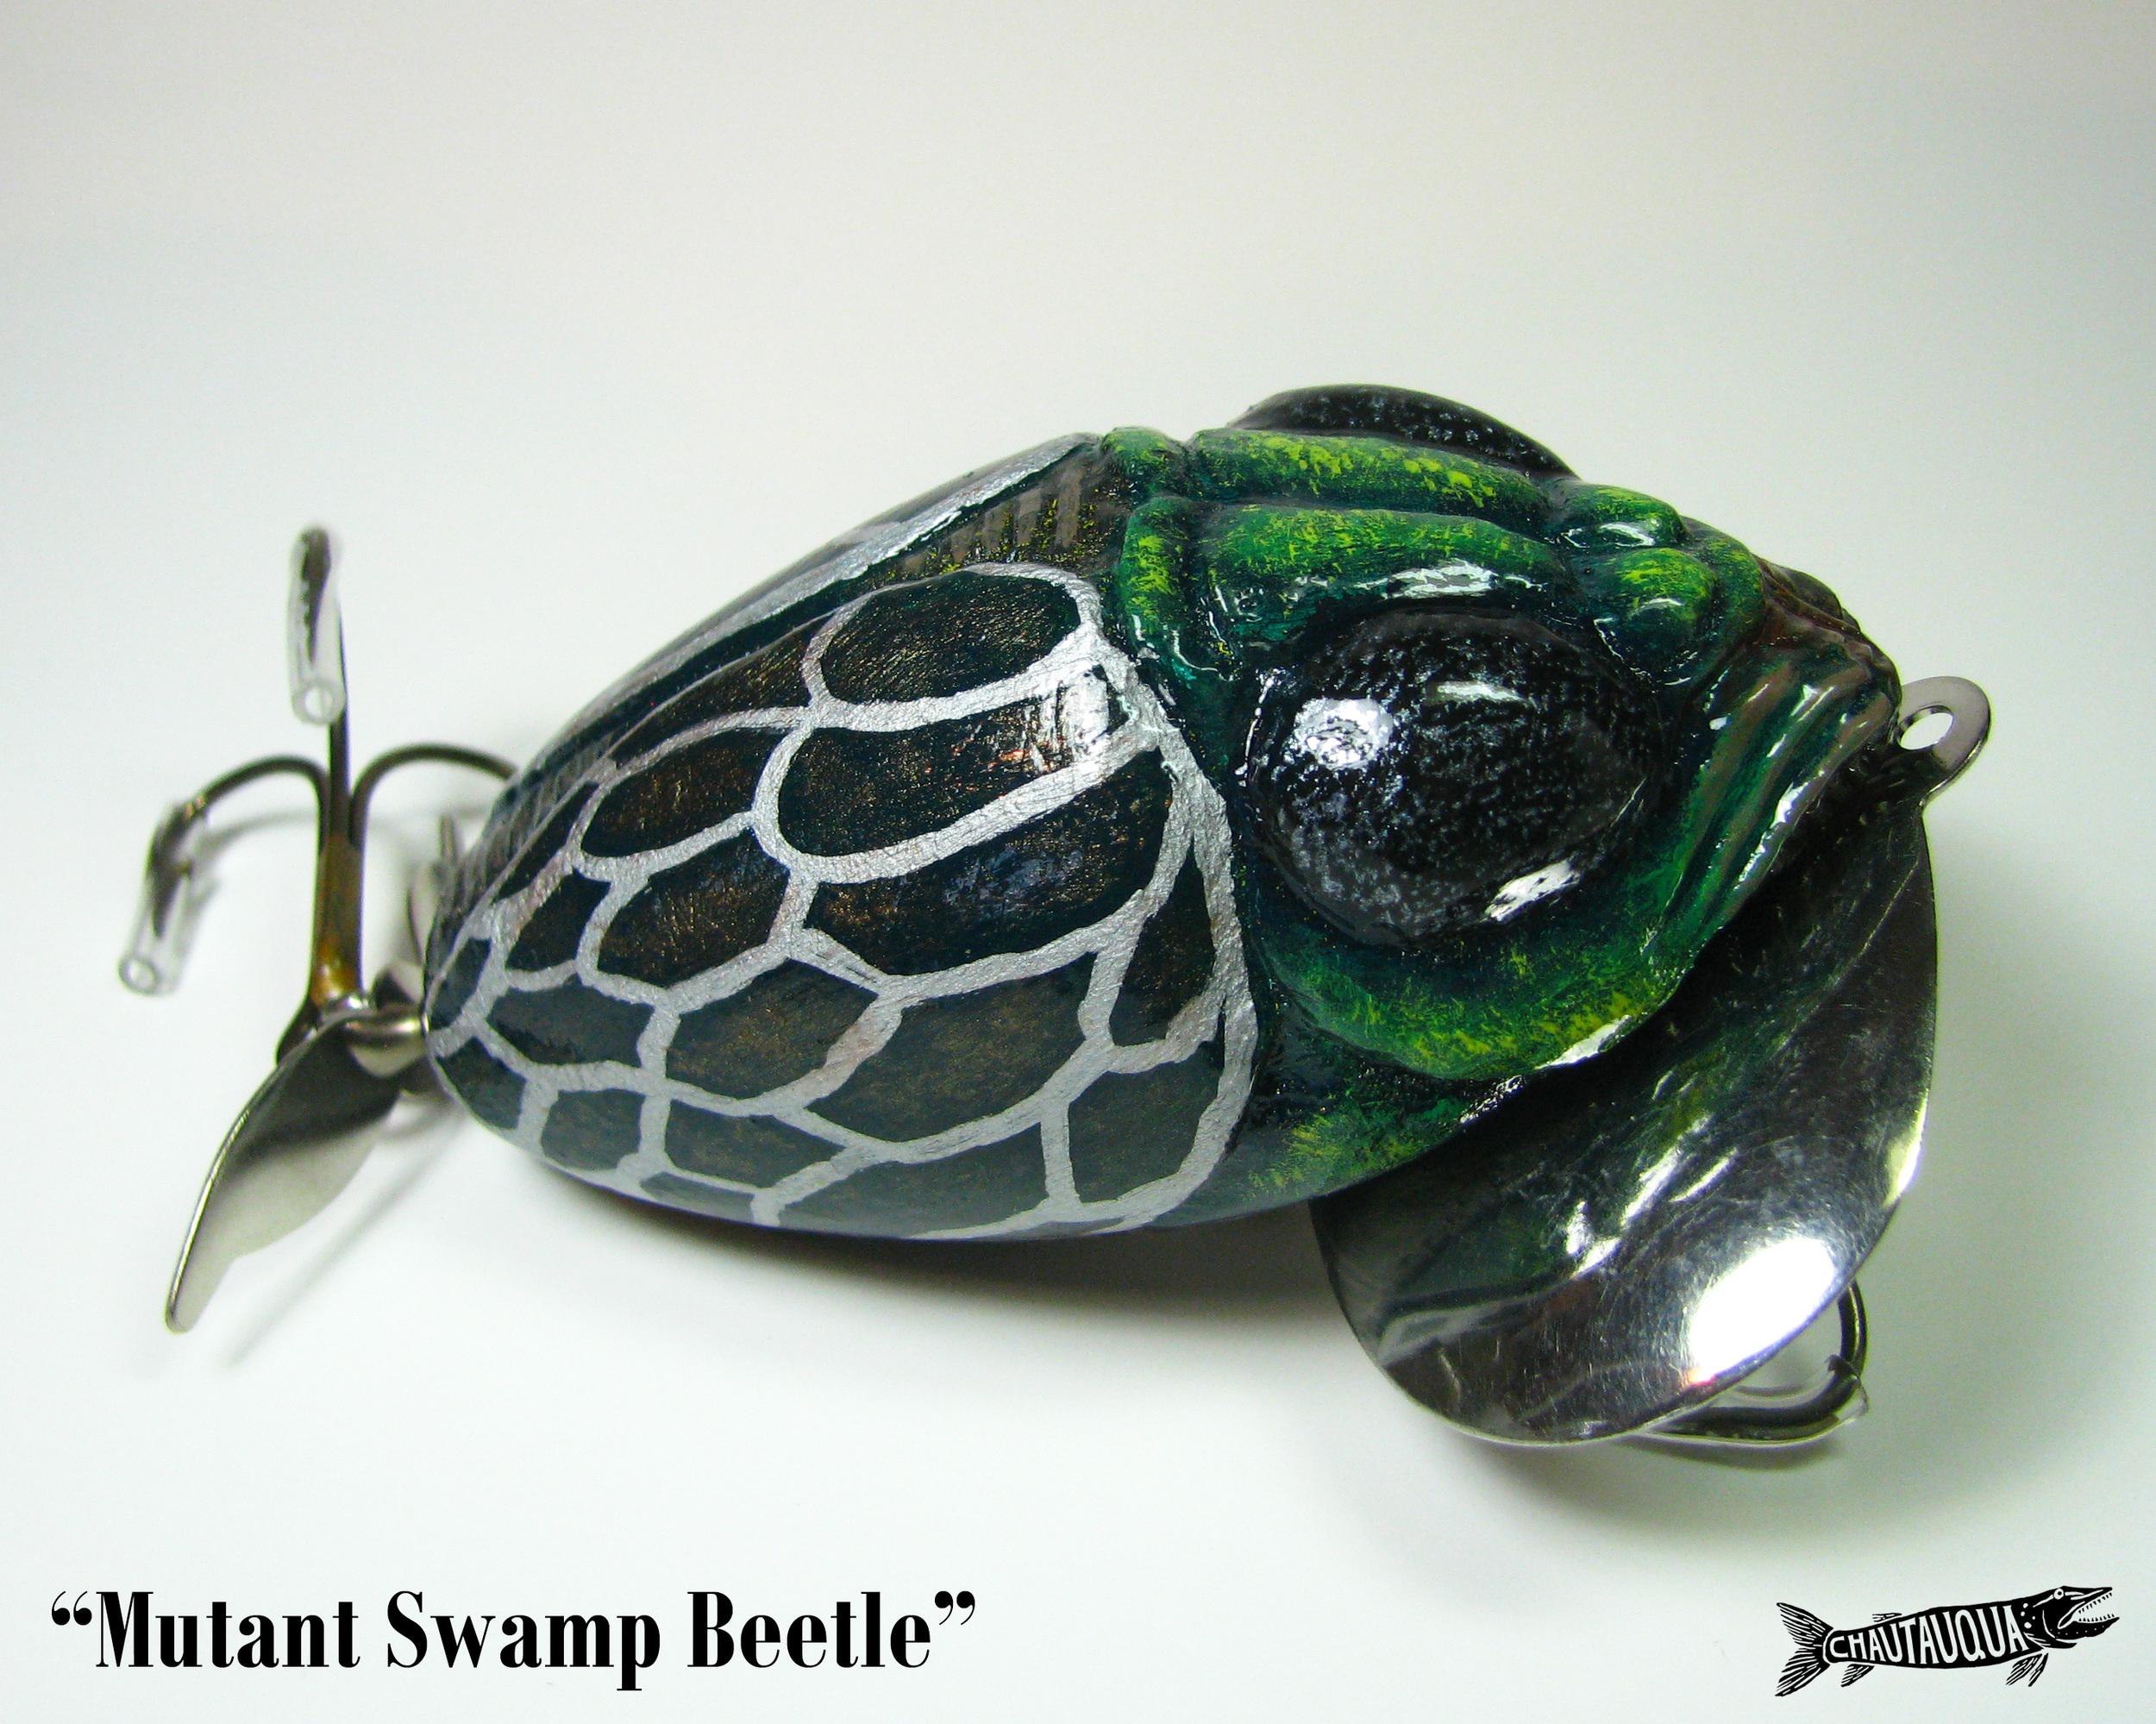 Mutant Swamp Beetle5.jpg